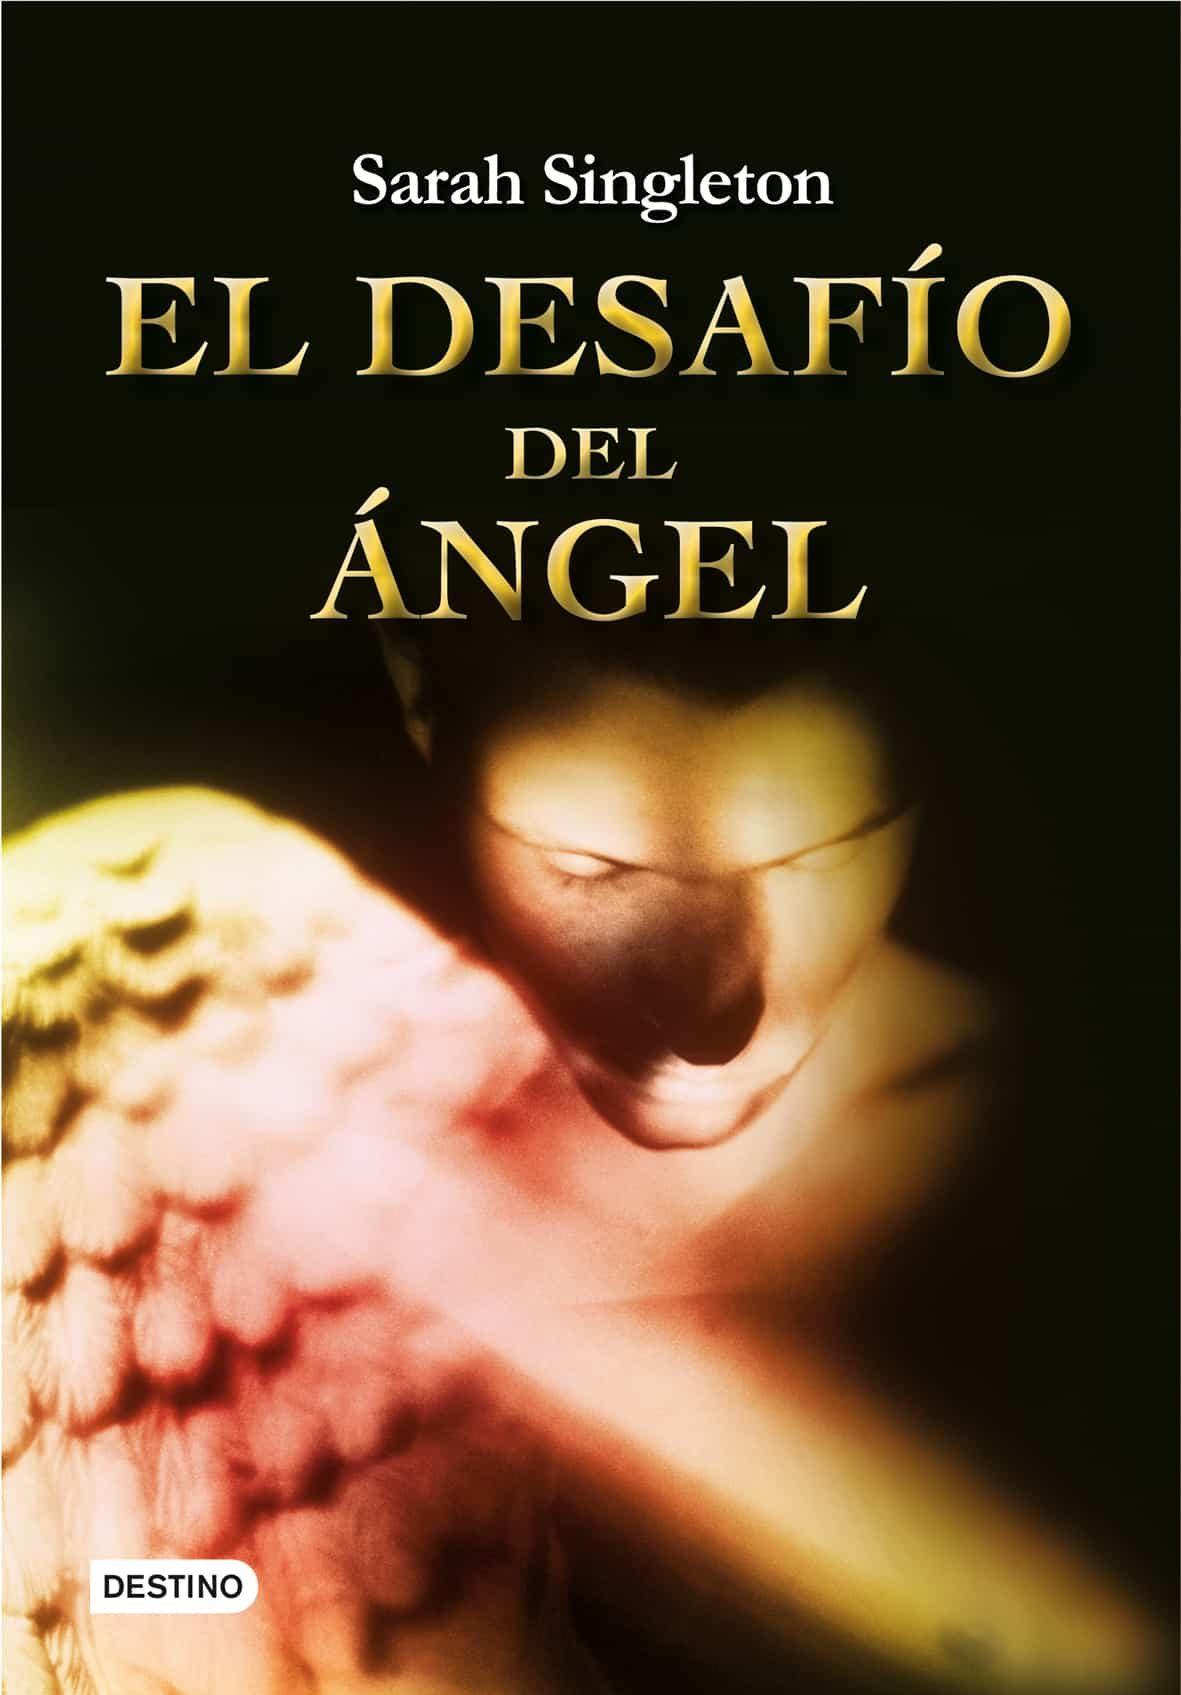 Resultado de imagen de libro el desafio del angel